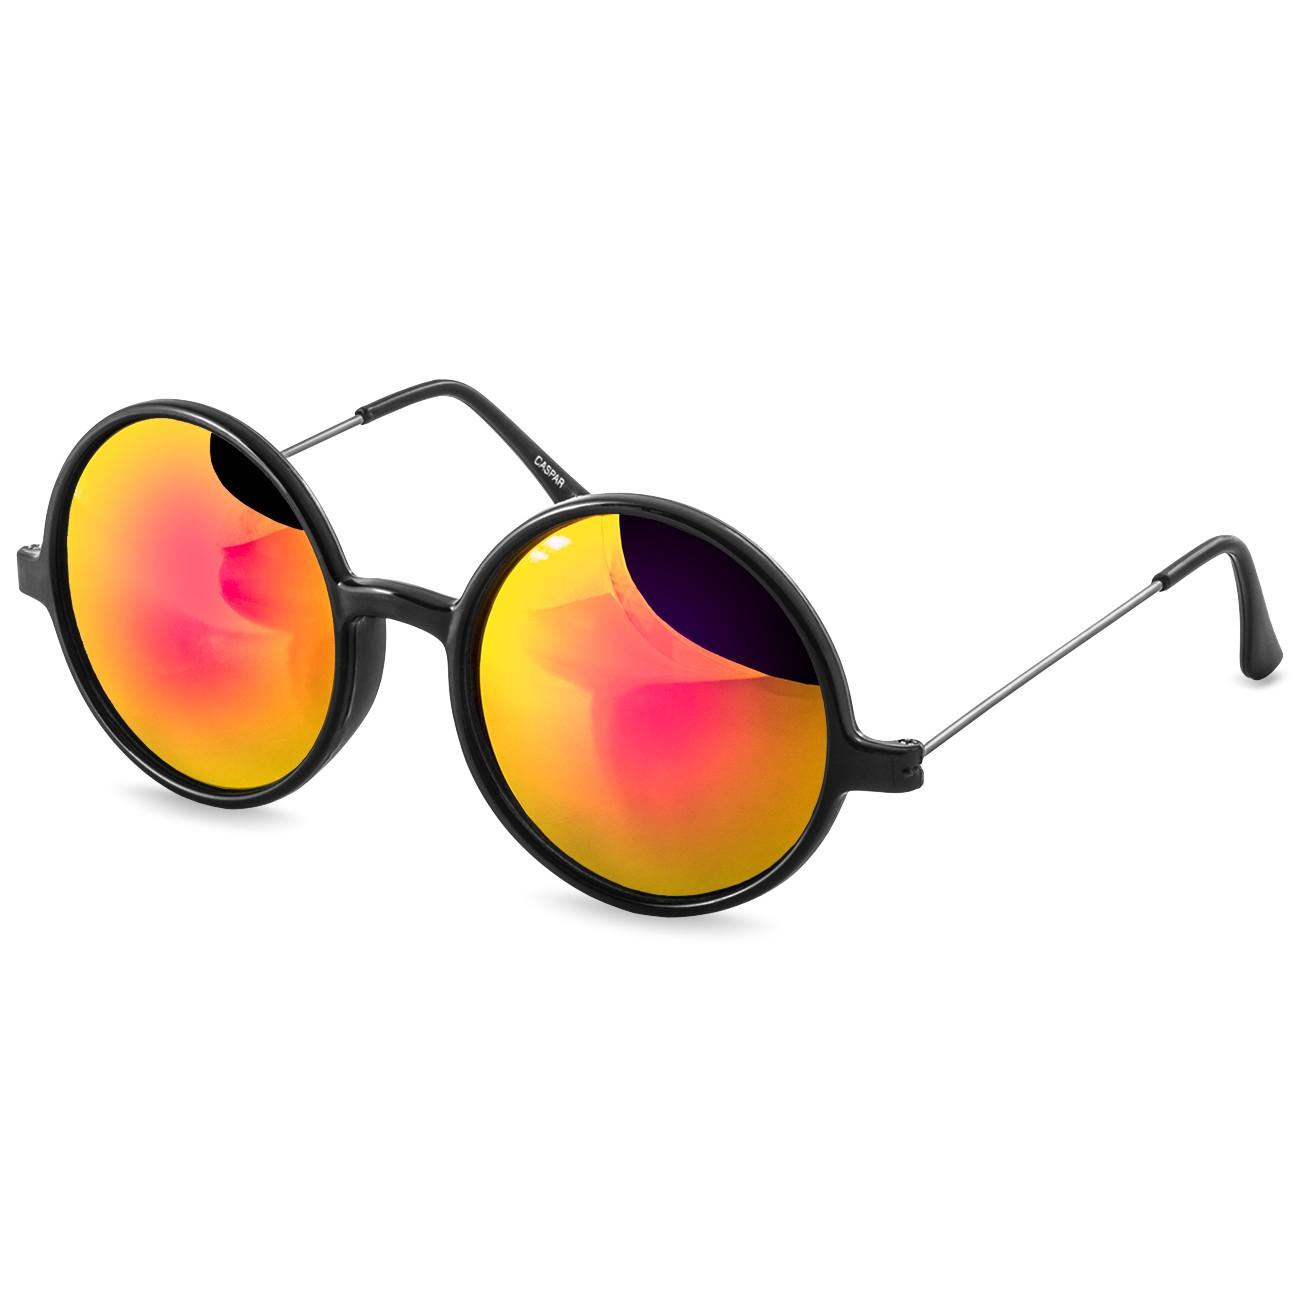 caspar damen herren retro hippi sonnenbrille mit runden gl sern gro. Black Bedroom Furniture Sets. Home Design Ideas